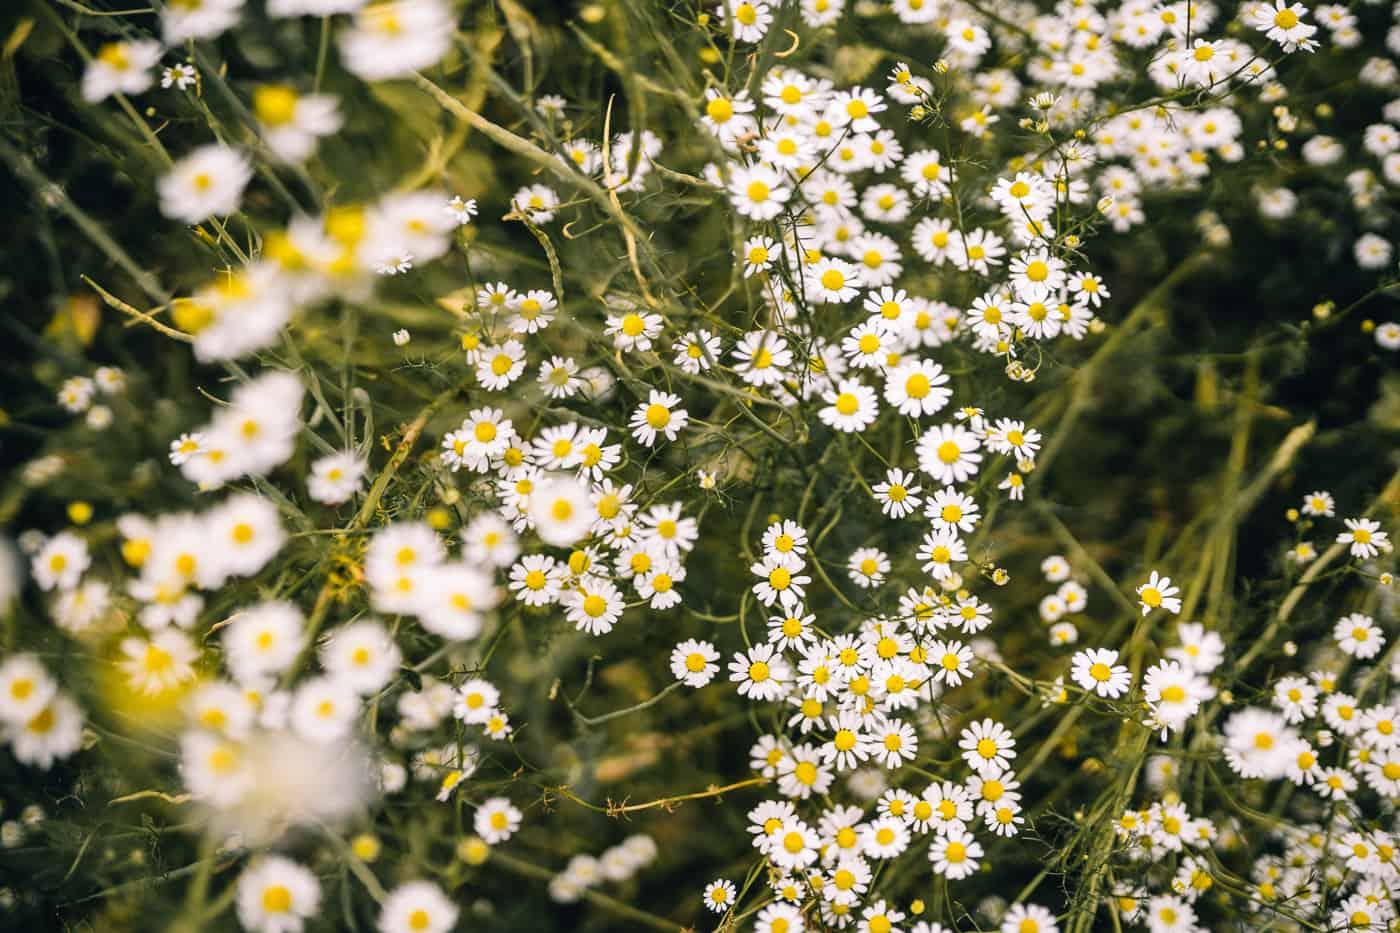 Baybachklamm Traumschleife Wanderung - Blumen am Wegesrand